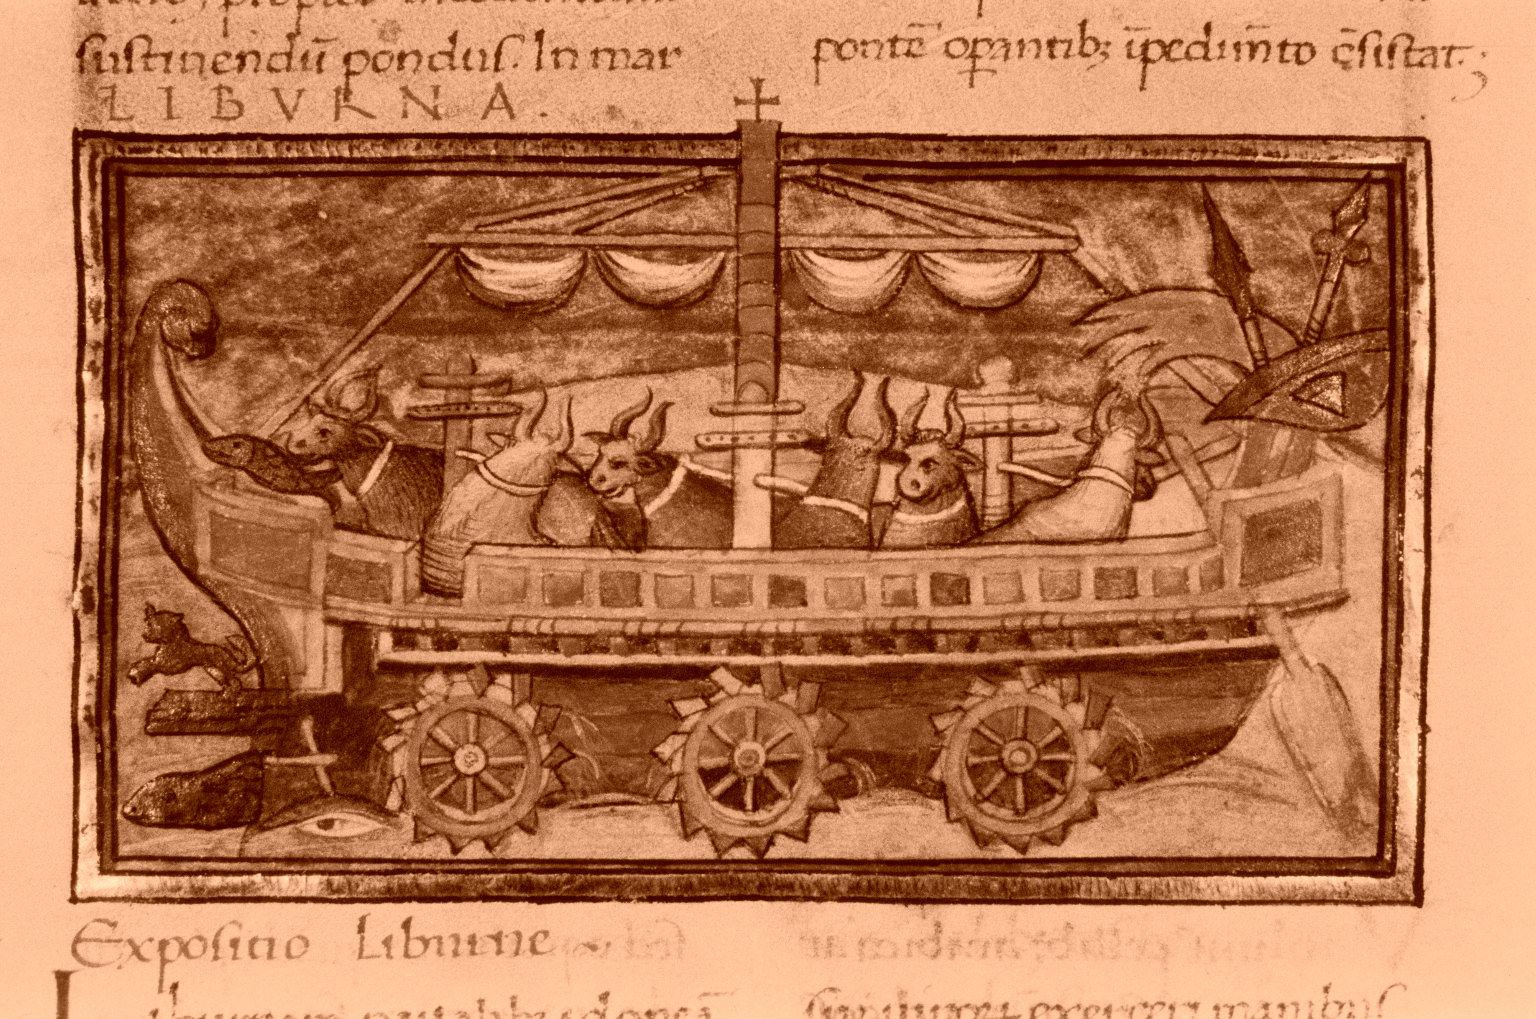 El vapor imaginario: Inventos, barcos y obras de teatro para un tal Blasco de Garay